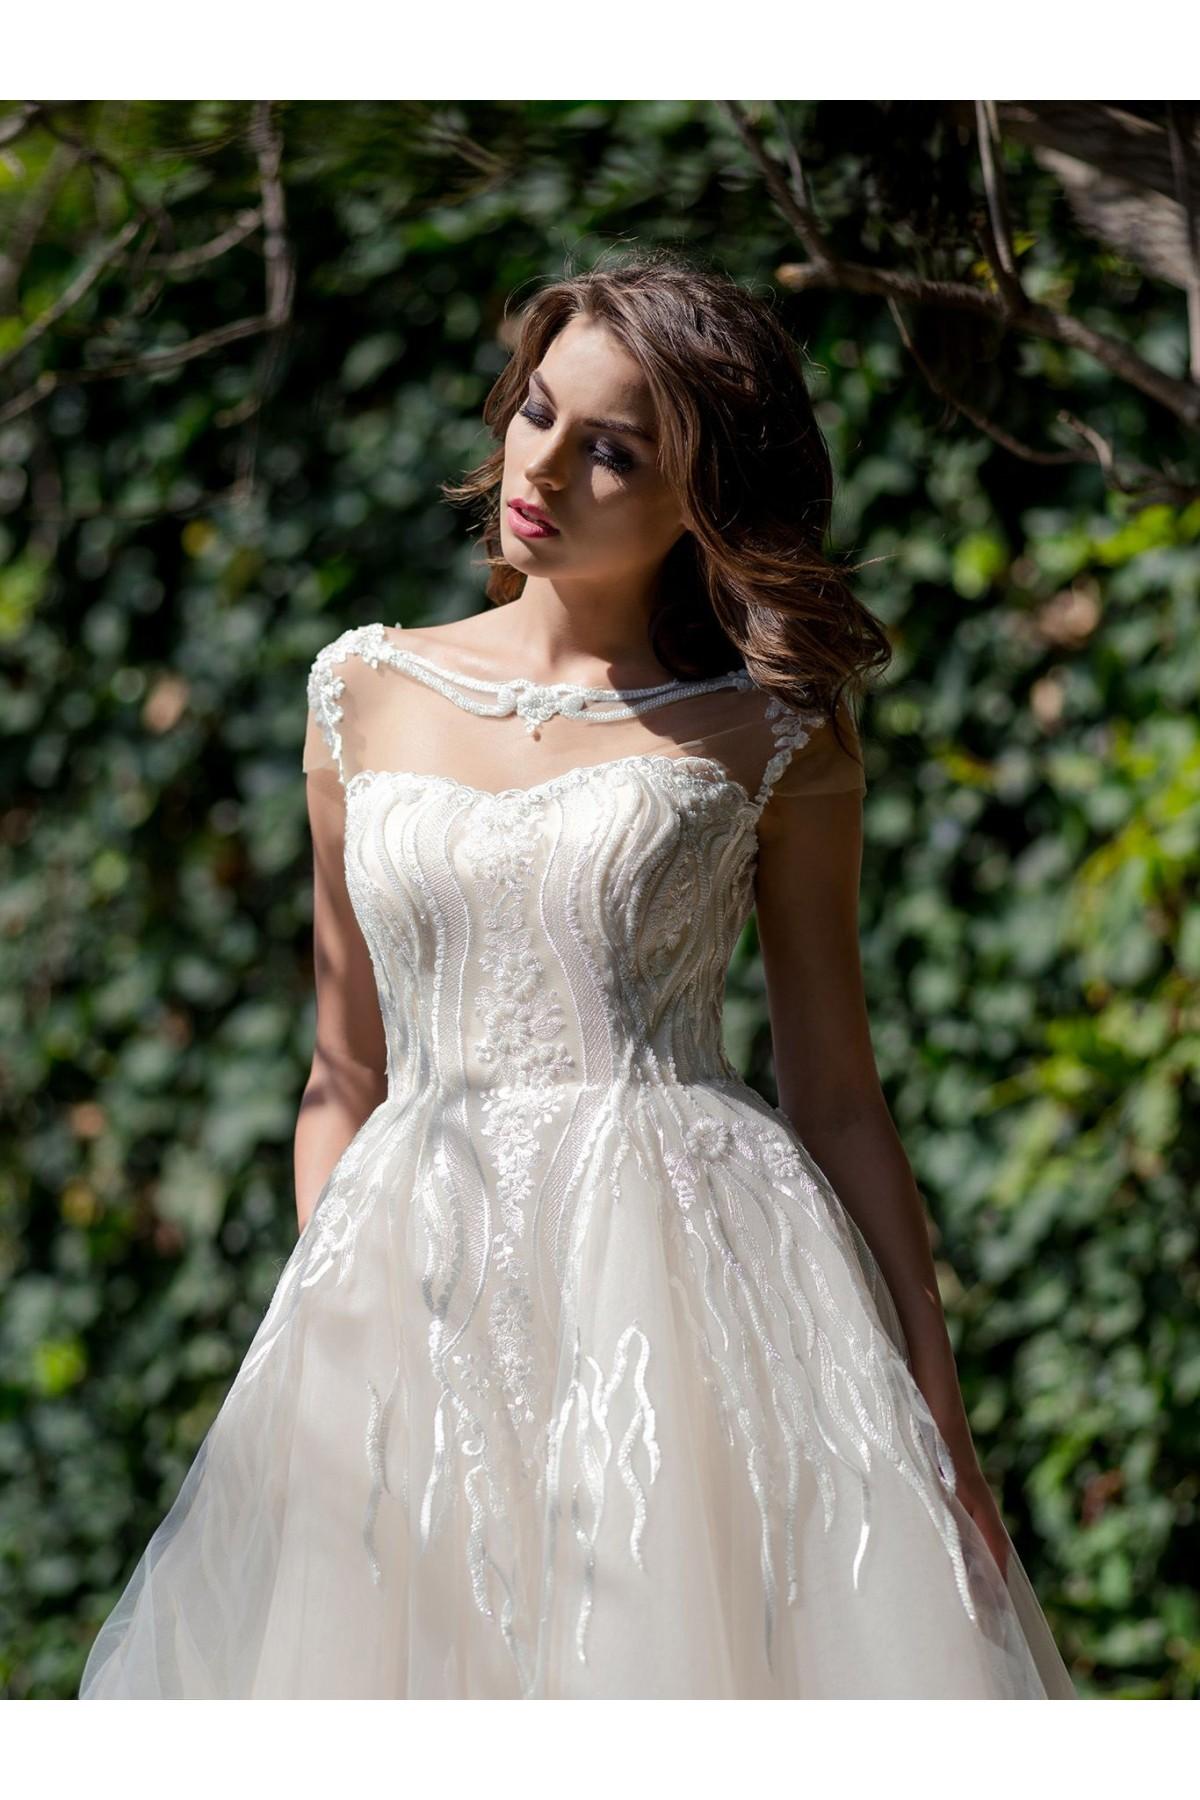 ad8b4a1de Tento model môžete ihneď skúšať alebo zakúpiť vo veľkosti 38 vo farbe ivory  vo Svadobnom centre EvaMária v Seredi na M. R. Štefánika 9. Svadobné šaty  Malin ...